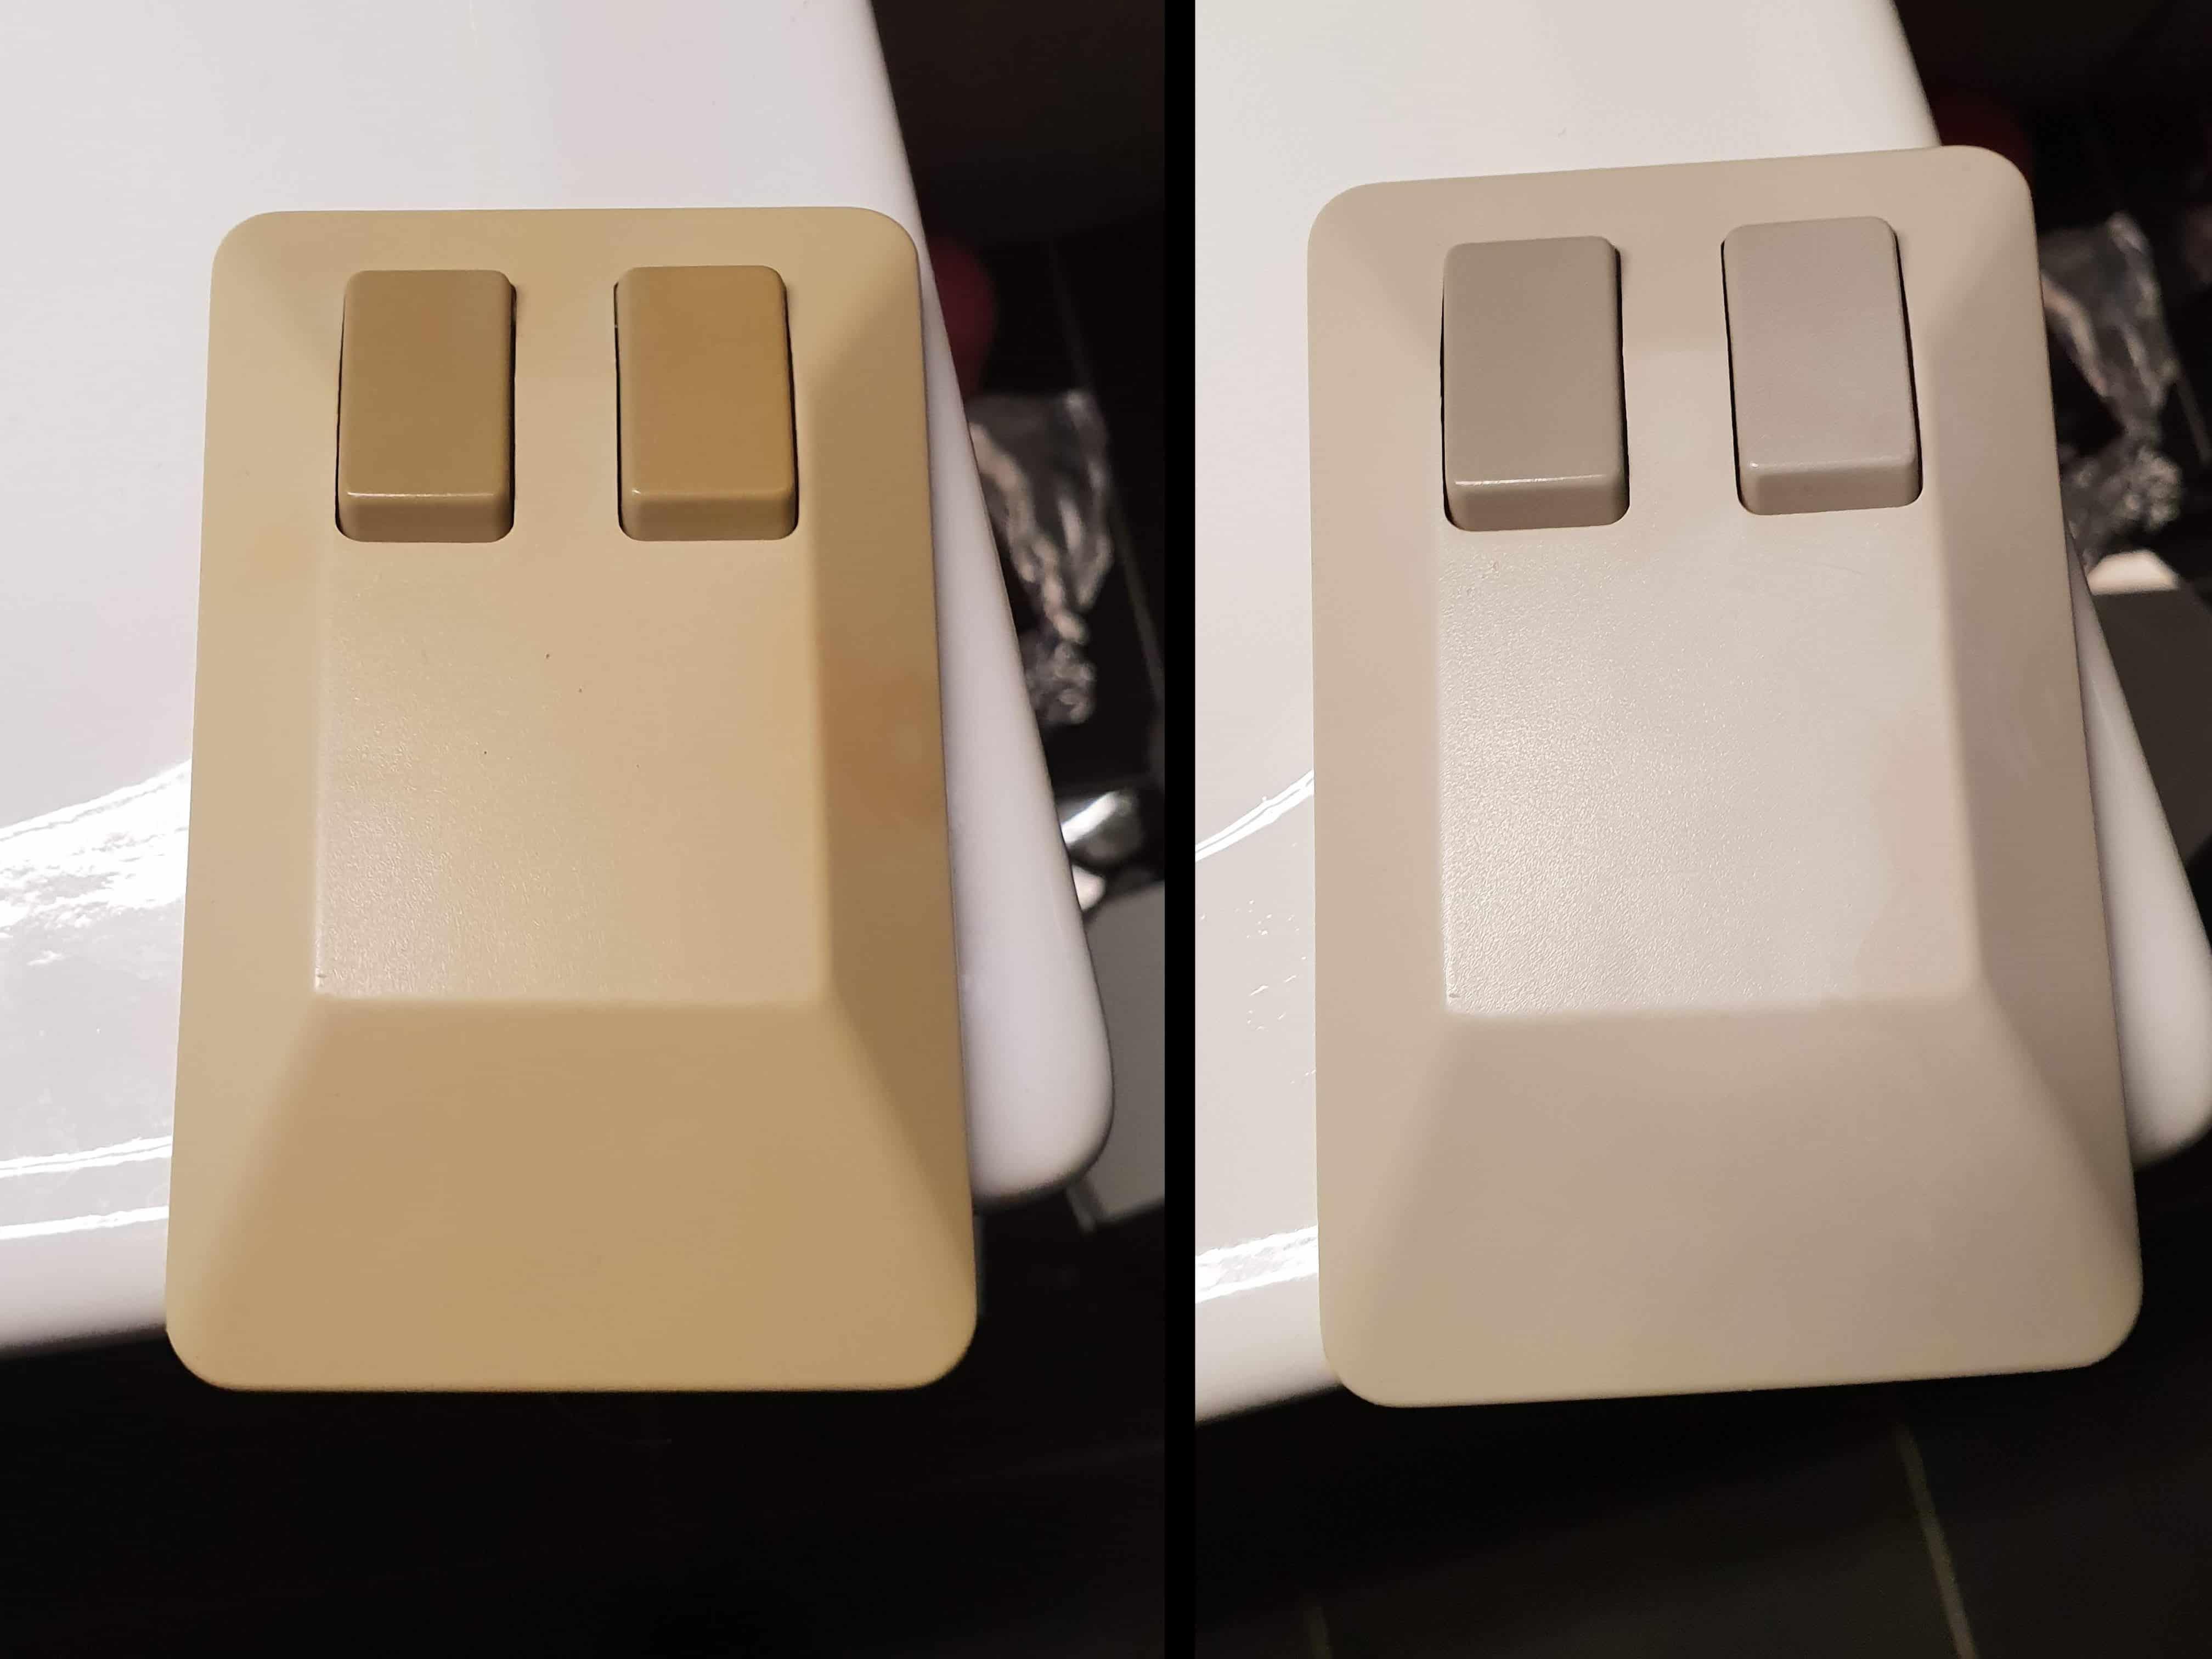 mouse - Konsolen-, und Computerbleaching